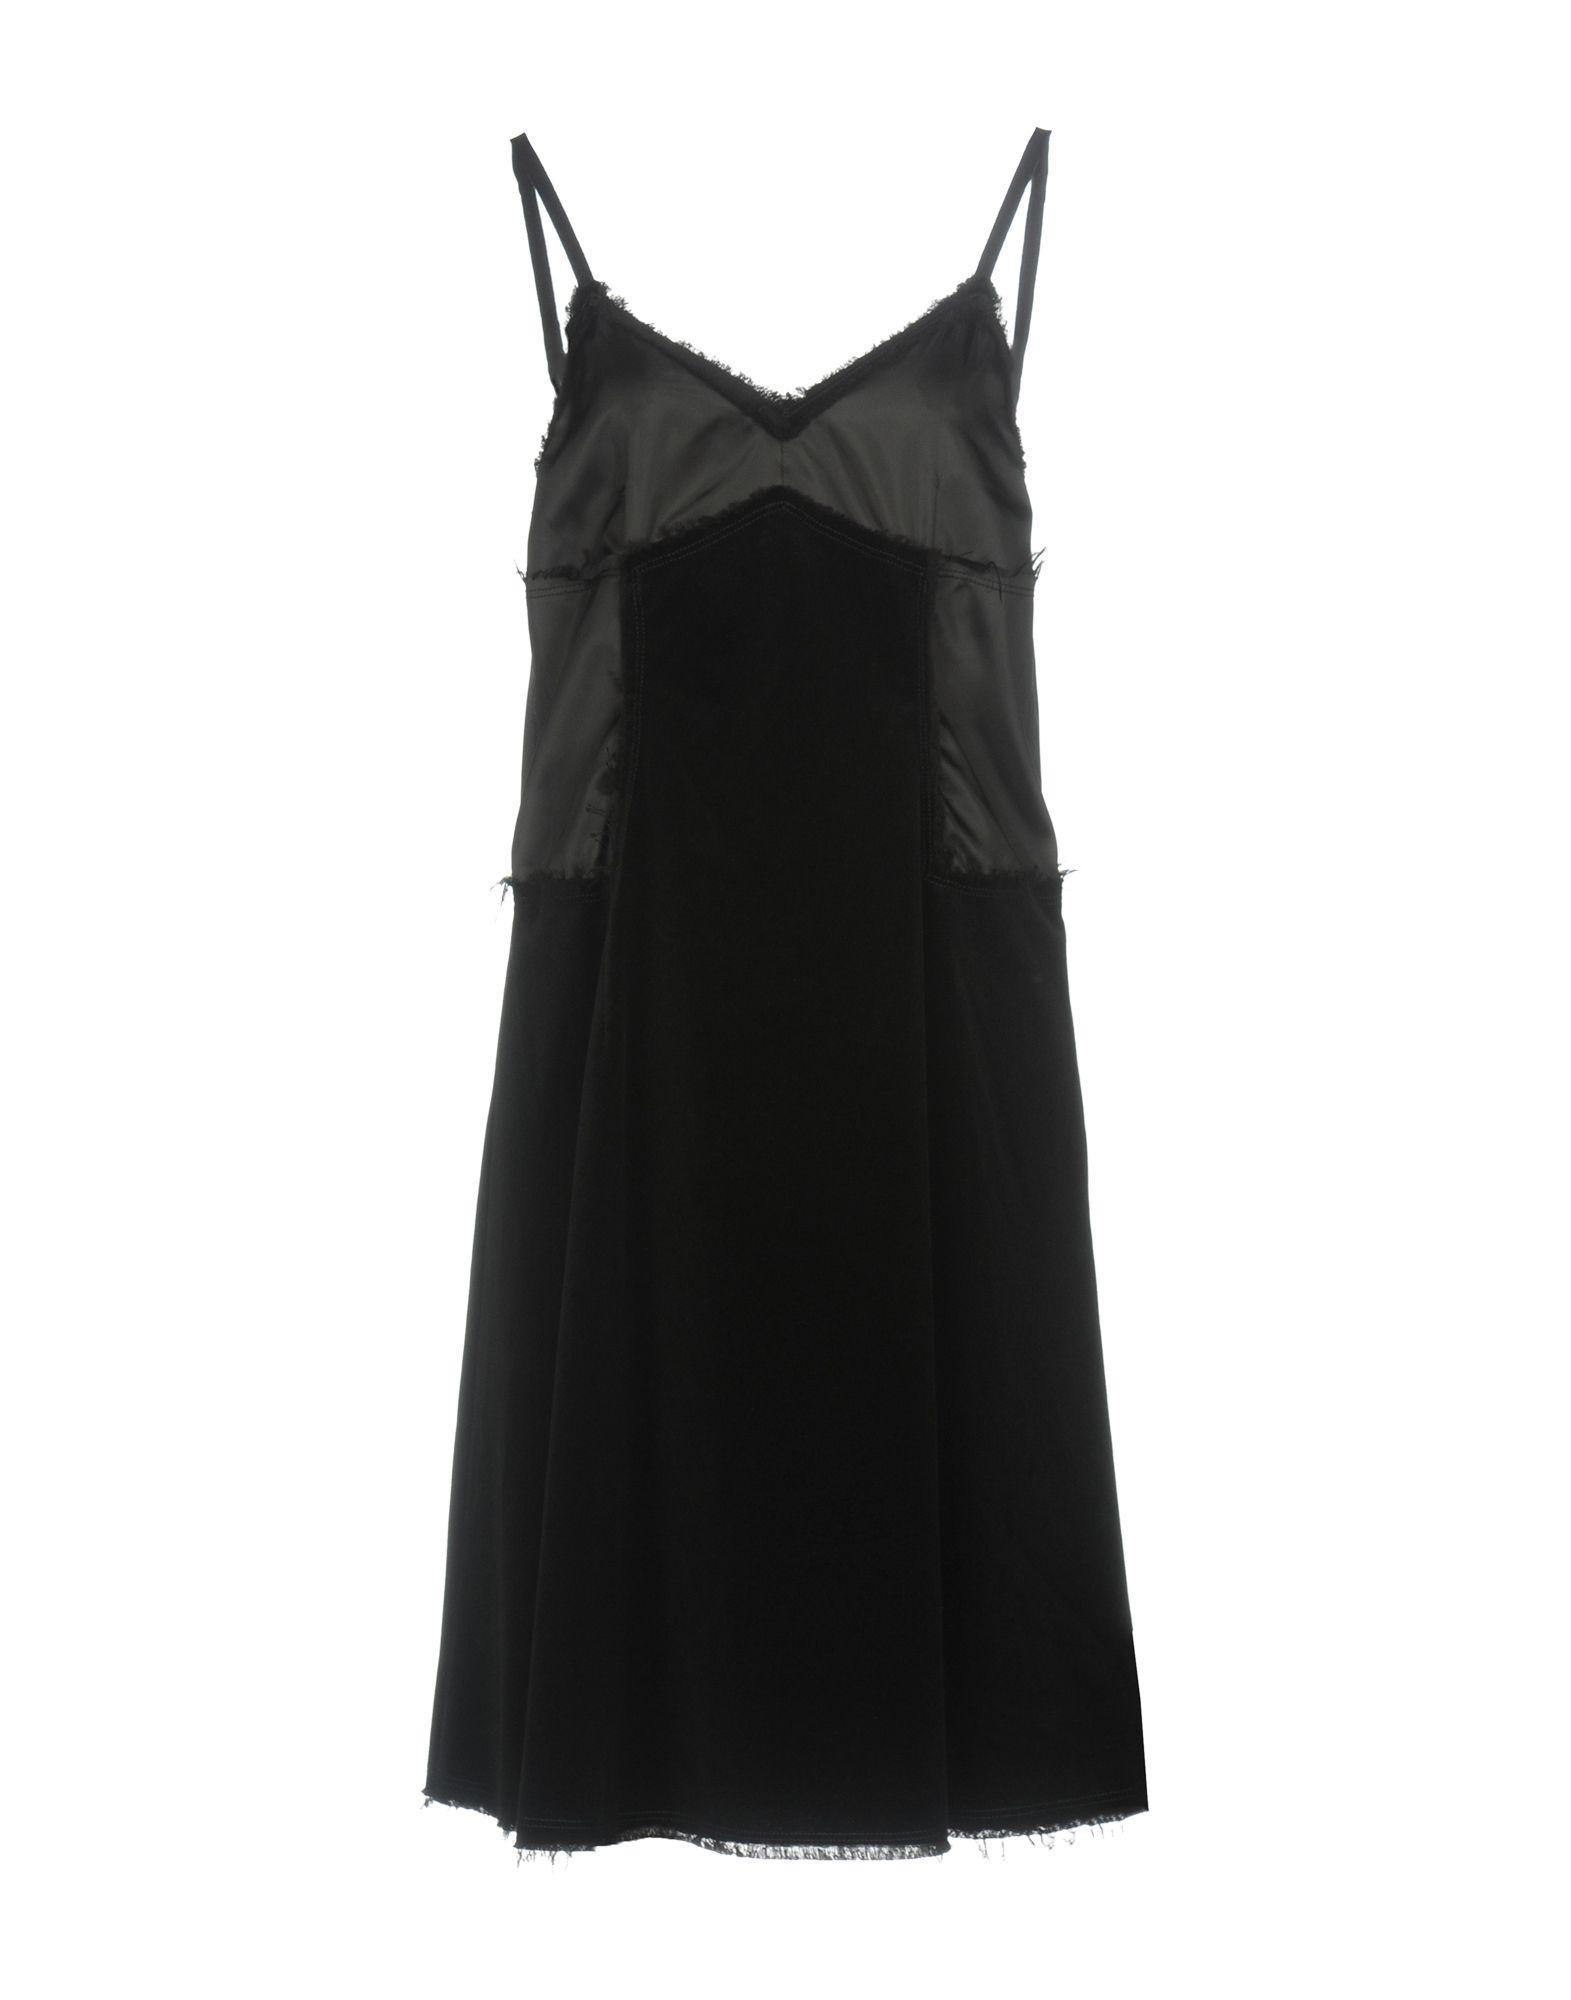 Mm6 Maison Margiela Knee-length Dresses In Black